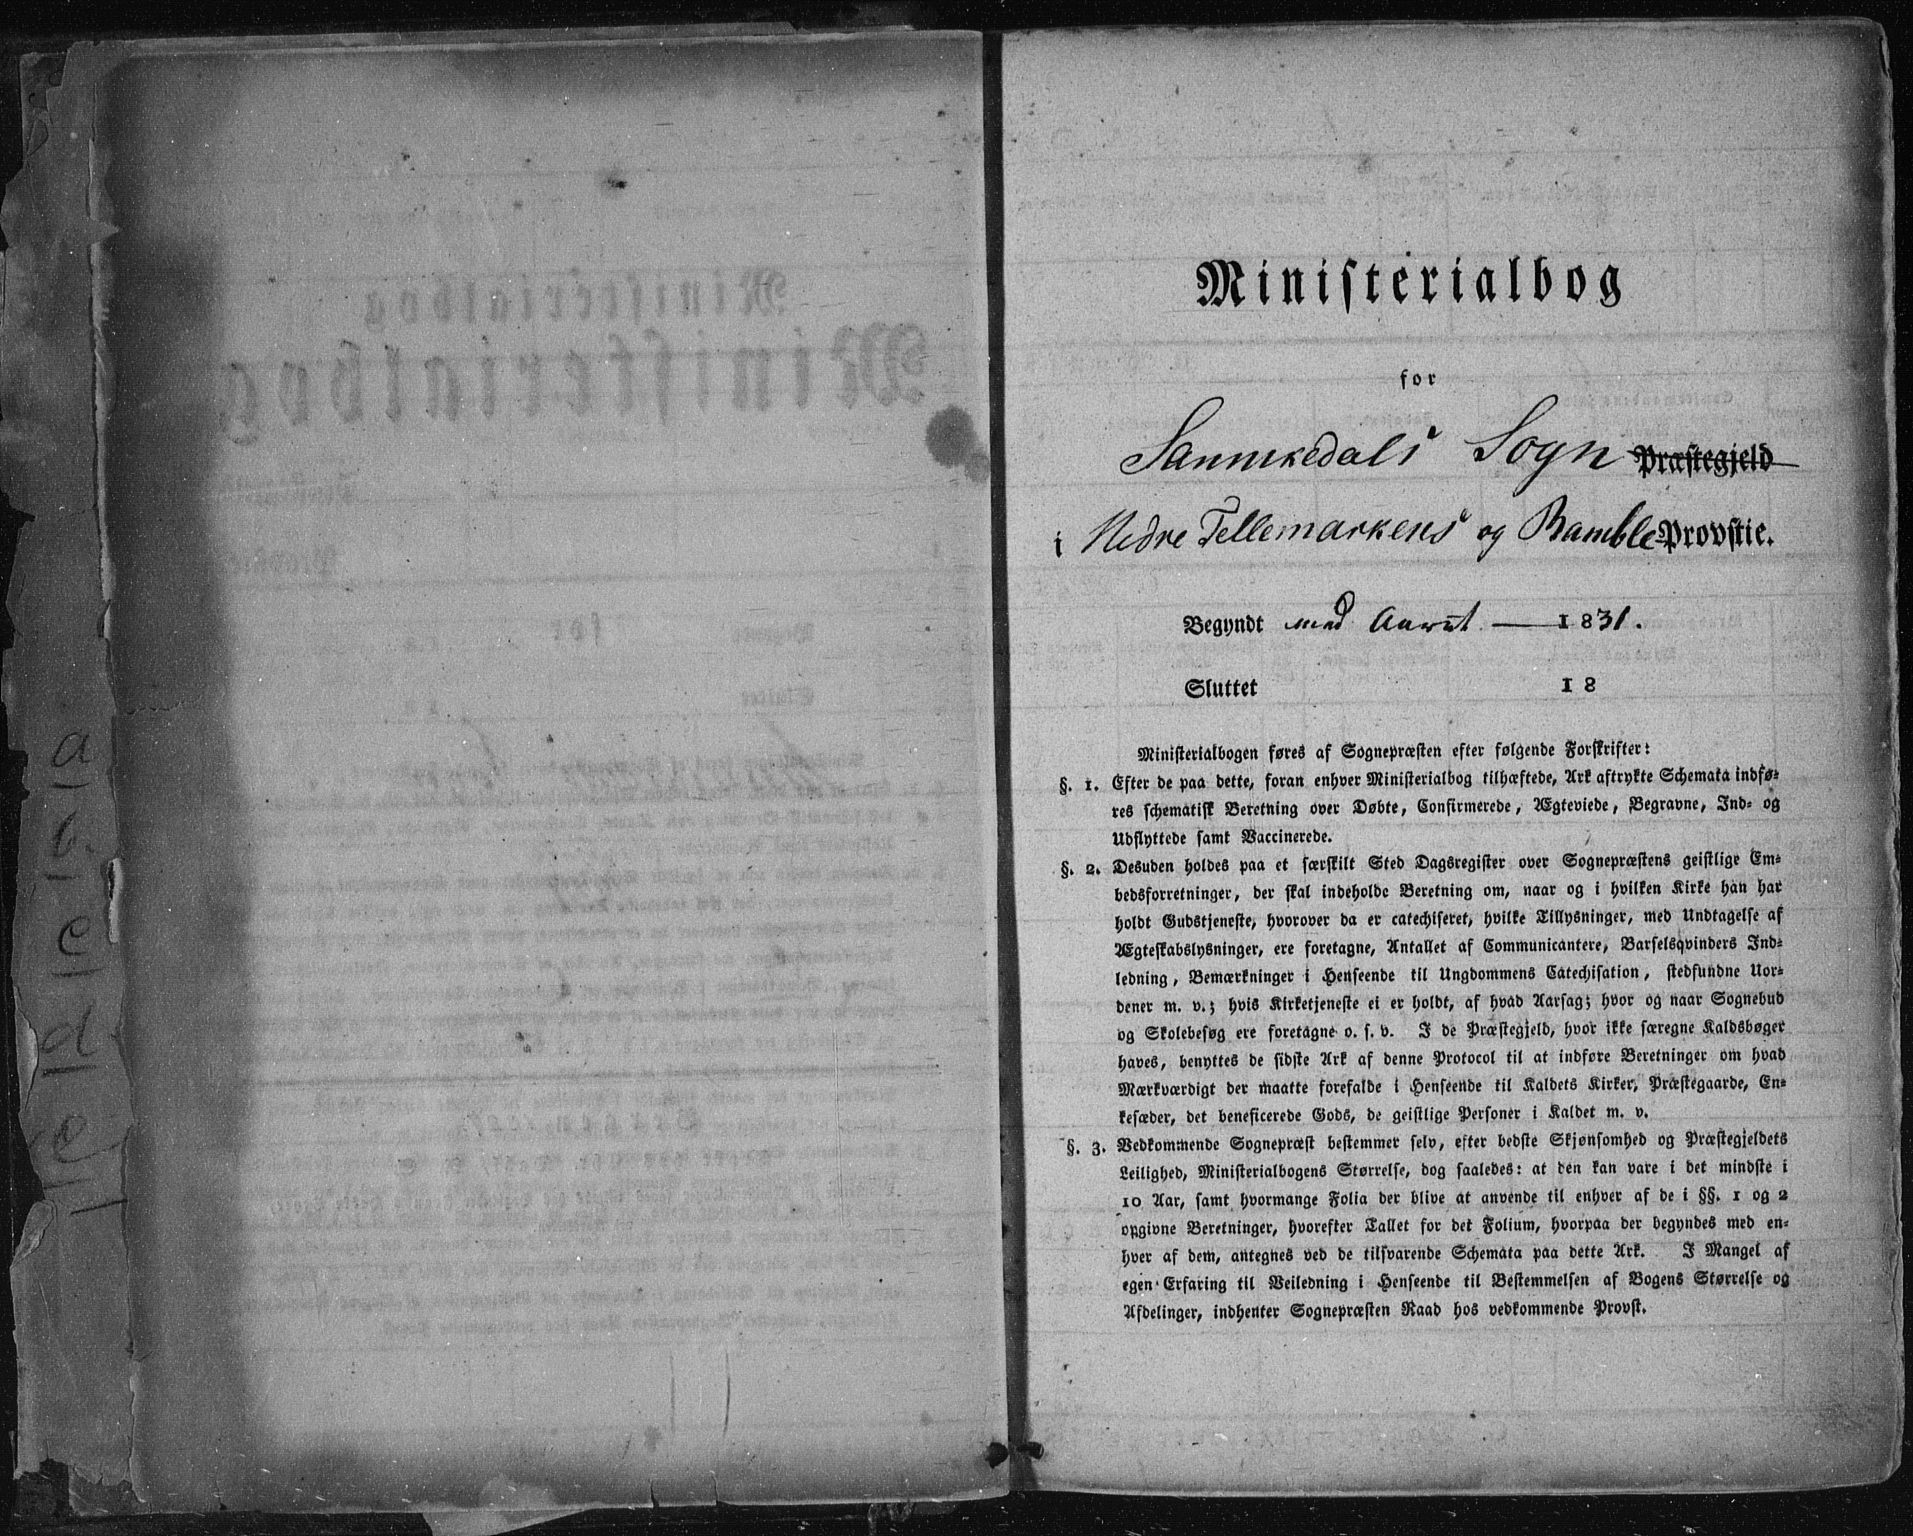 SAKO, Sannidal kirkebøker, F/Fa/L0007: Ministerialbok nr. 7, 1831-1854